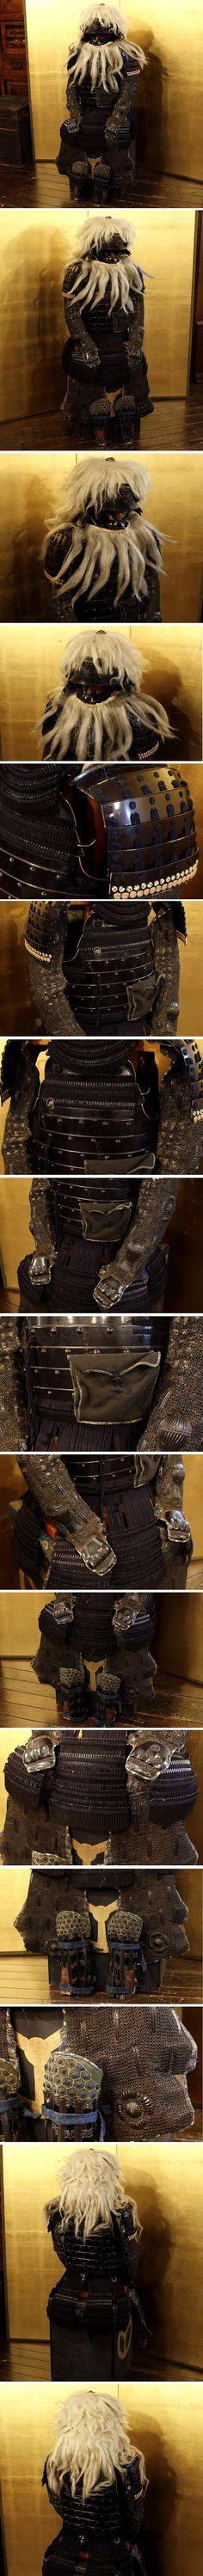 商品情報商品名 江戸時代 総髪筋兜 紺縅 鉄地甲冑 鎧兜一式 等身大 鎧櫃 木彫獅子前立 寸法 等身大 鎧櫃:40×40×52cm ※寸法に若干の誤差が生じる場合もございます。目安として御参考下さい。 状態状態は、汚れや擦れ、小傷、紐に切れや革布部に劣化、ありますが、その他に大きな傷みも無く形もしっかりとした状態です。 鎧立は、付属しません。 ※追記諸注意:記載がなくとも写真で確認できる瑕等もございますので、是非御確認下さい。 注意事項*出品商品につきまして委託商品も多